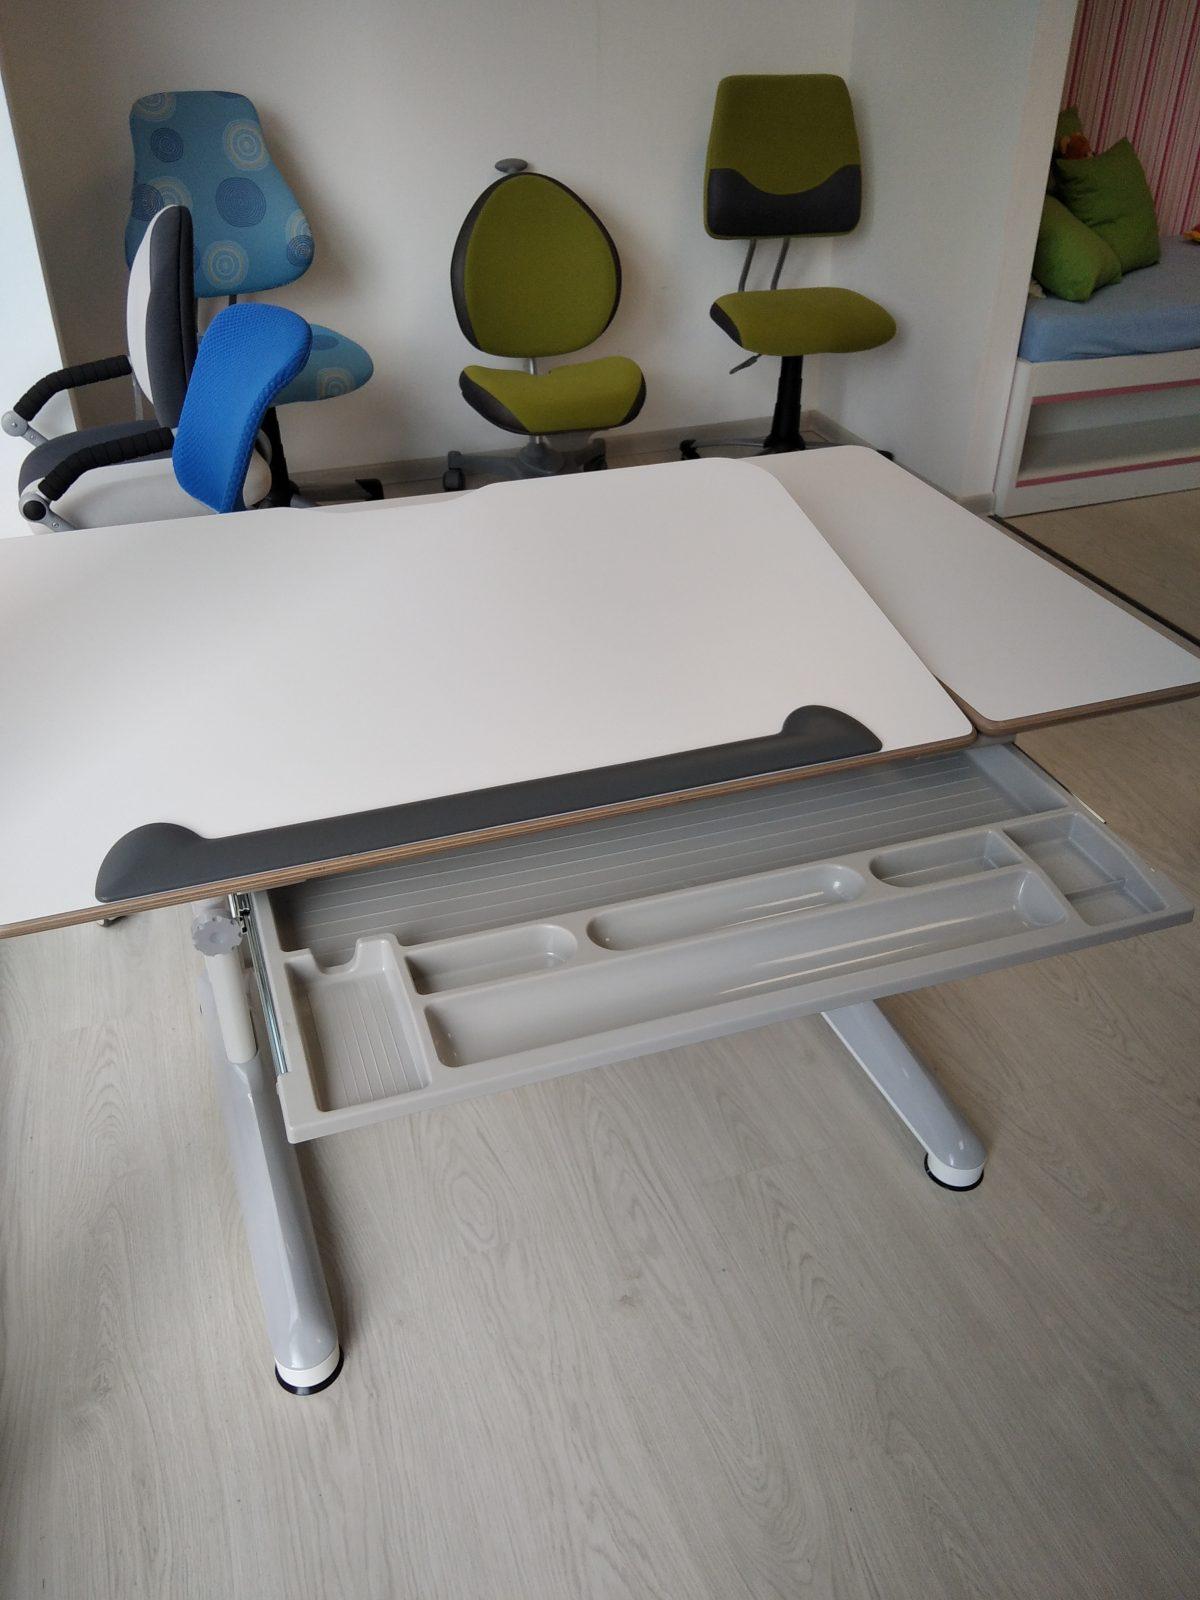 IMG 20210517 122137 scaled - Delso - dětský, kancelářský a bytový nábytek